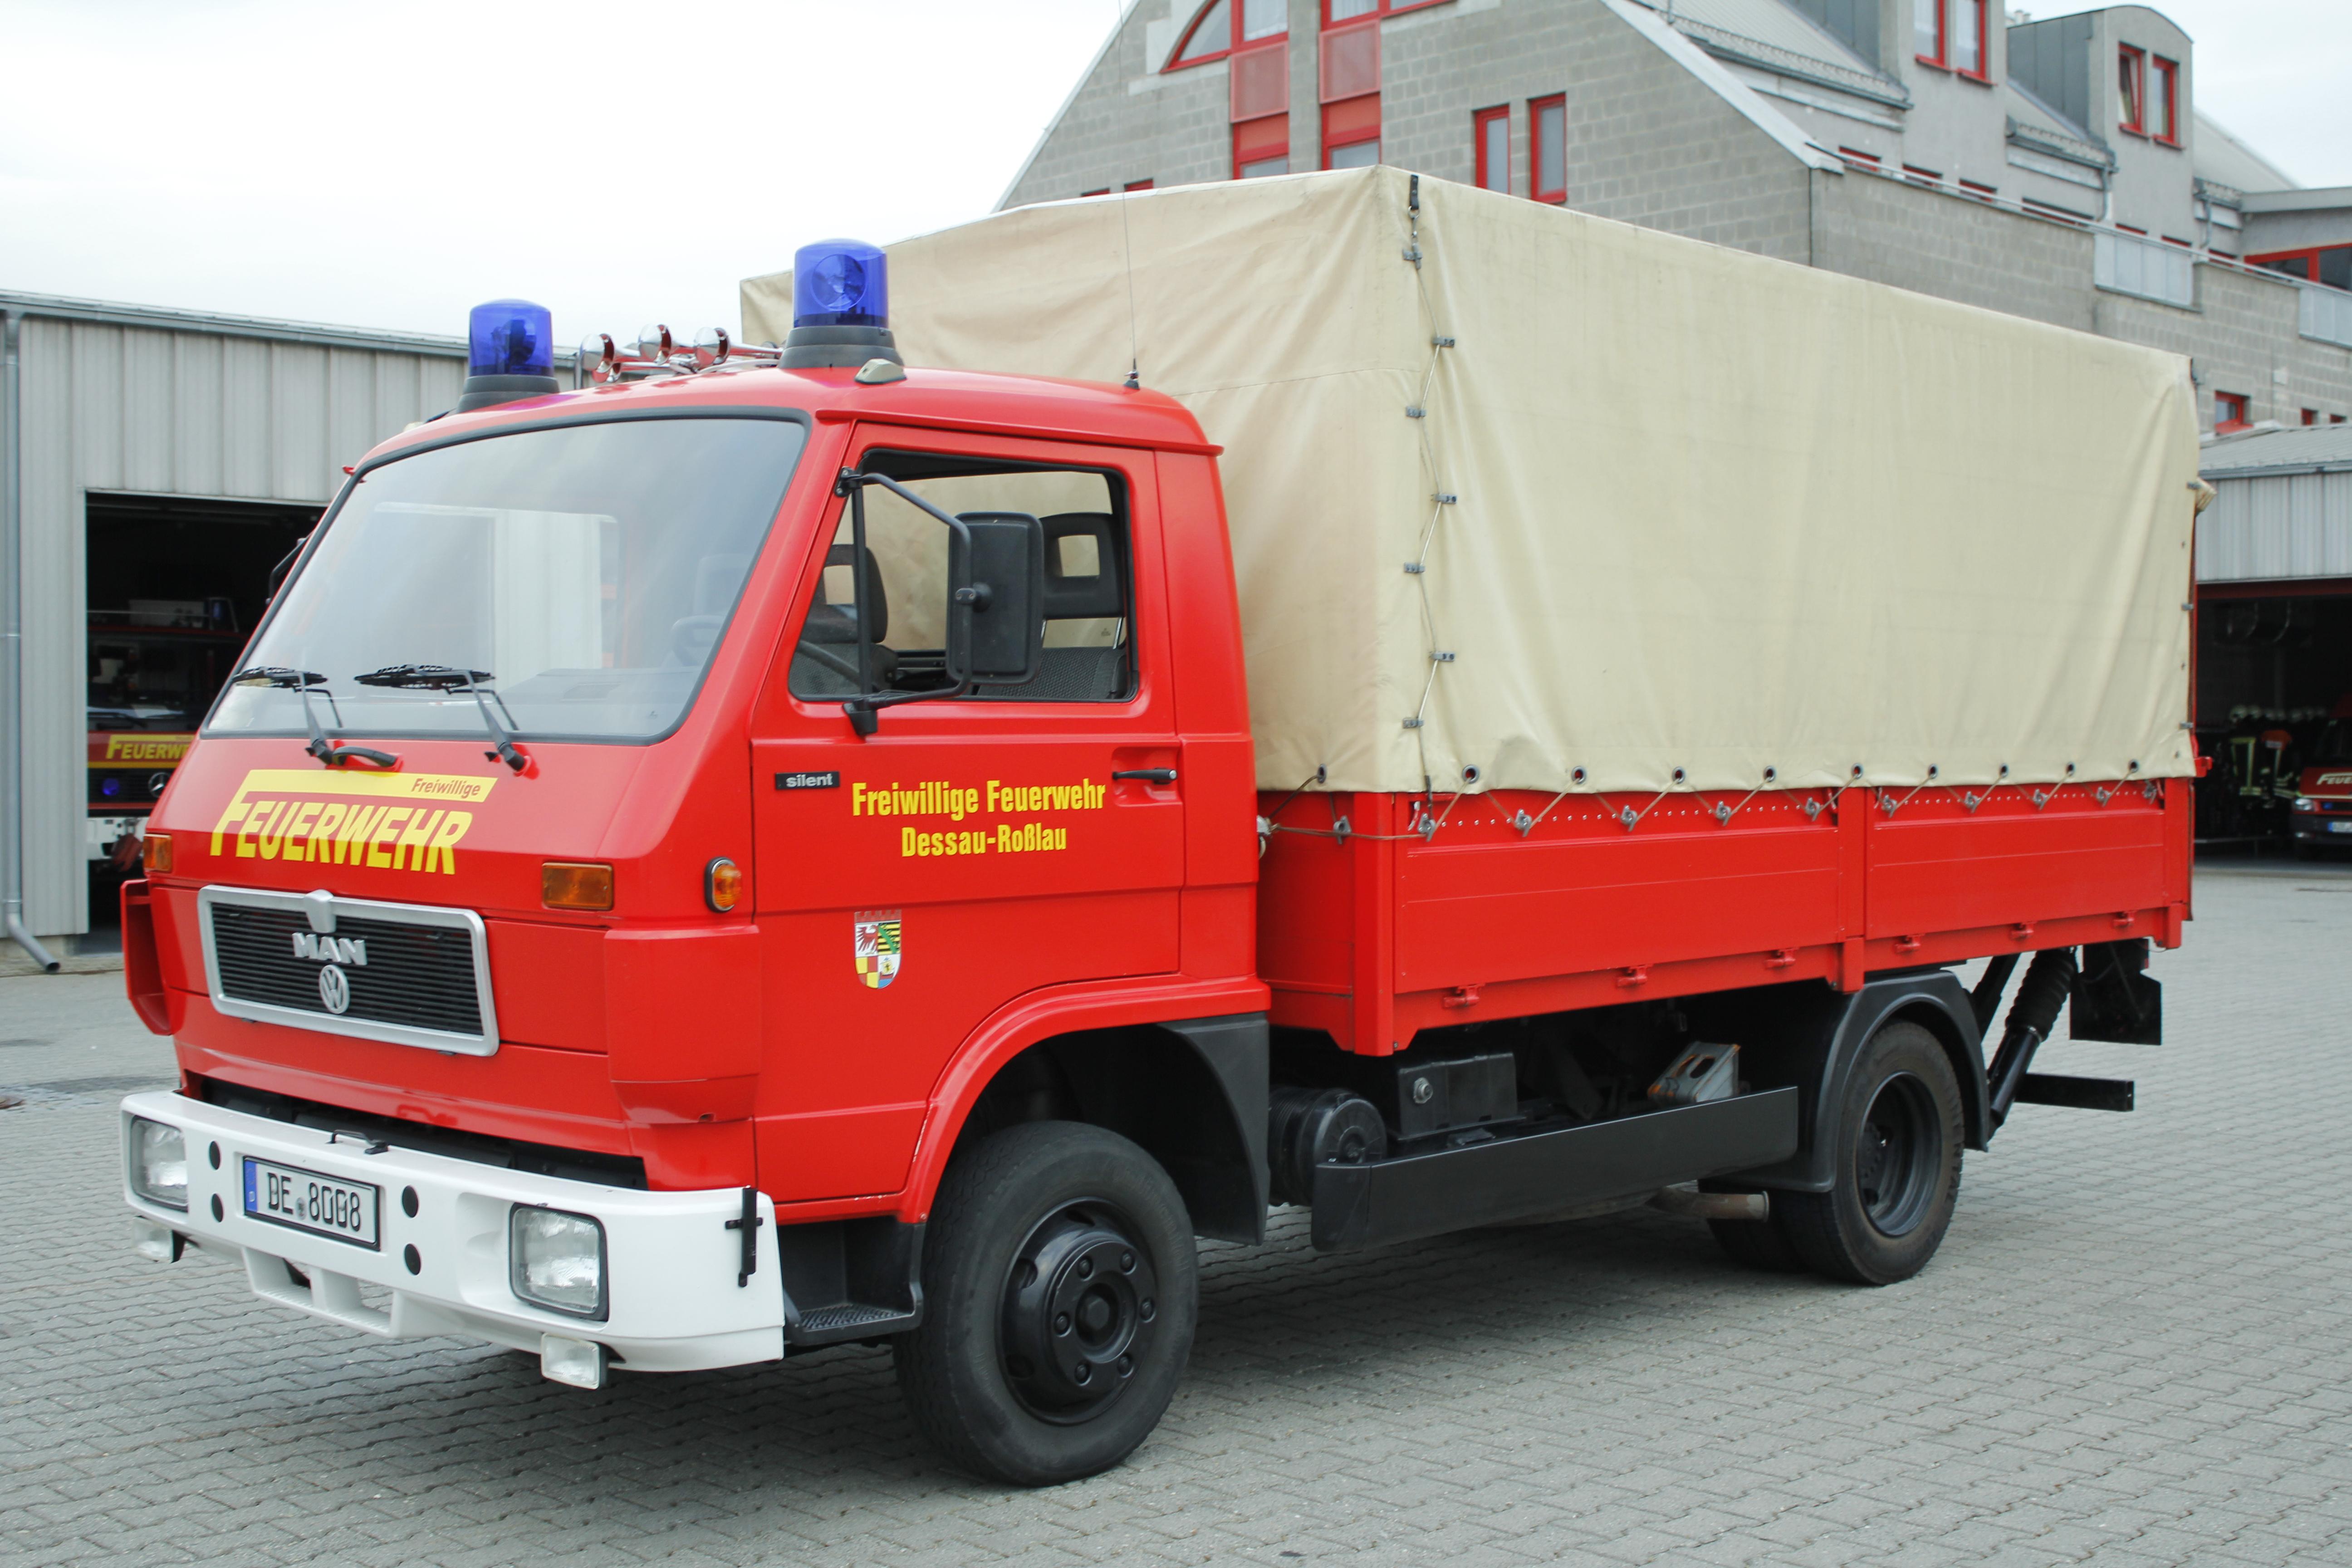 Gerätewagen Logistik 1 | Freiwillige Feuerwehr – Rosslau